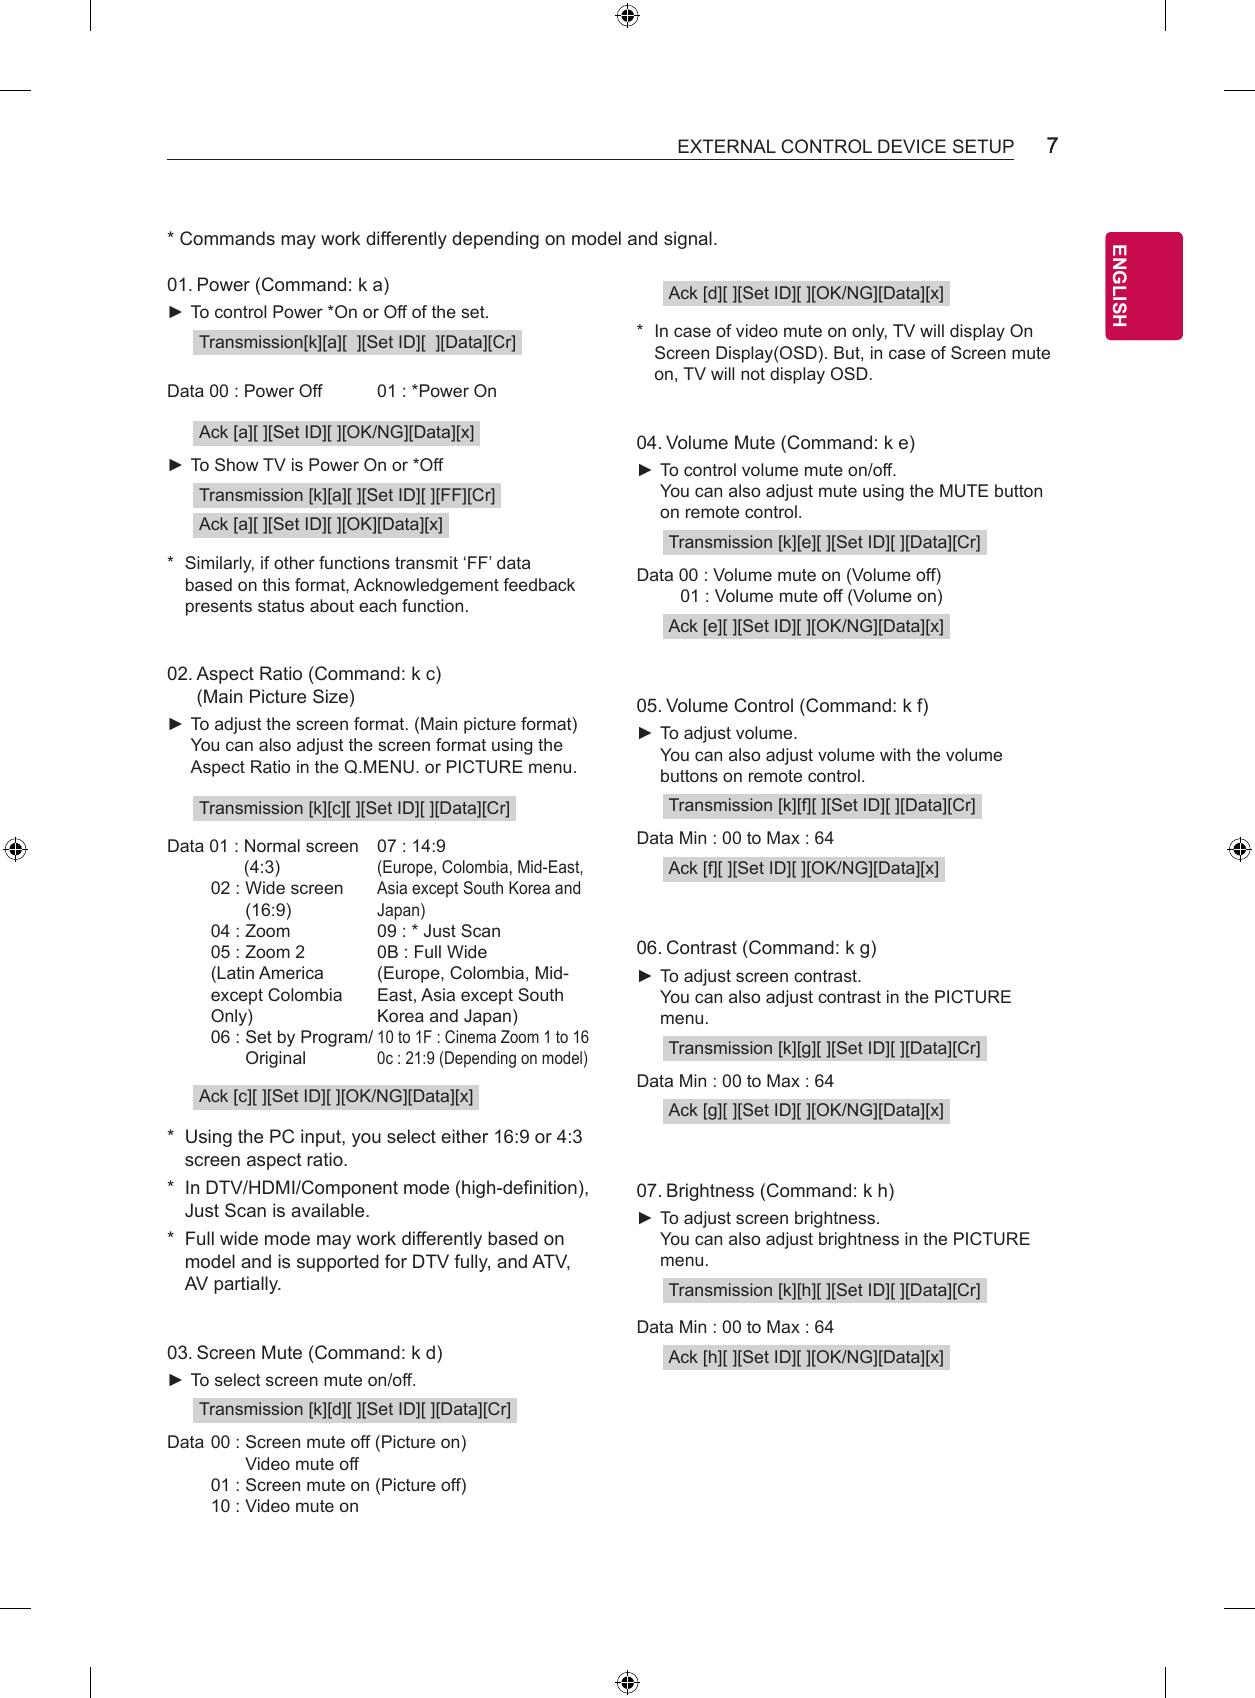 LG 65UK6300PUE User Manual Owner's MFL70340102 1 2